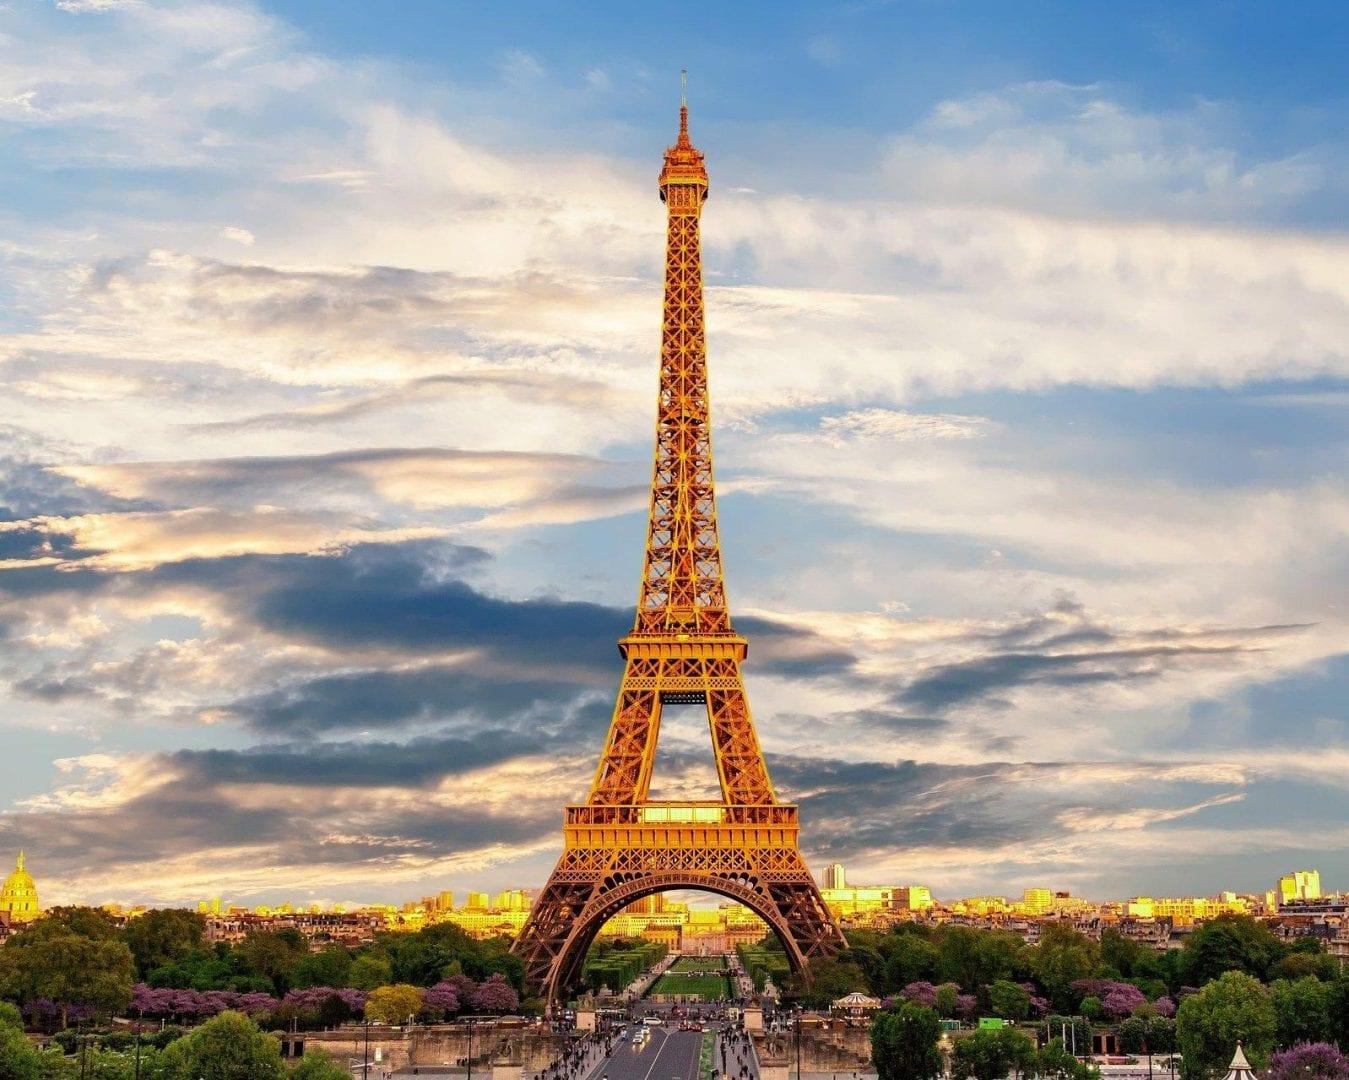 Viaje a París con un crucero panorámico por el Sena